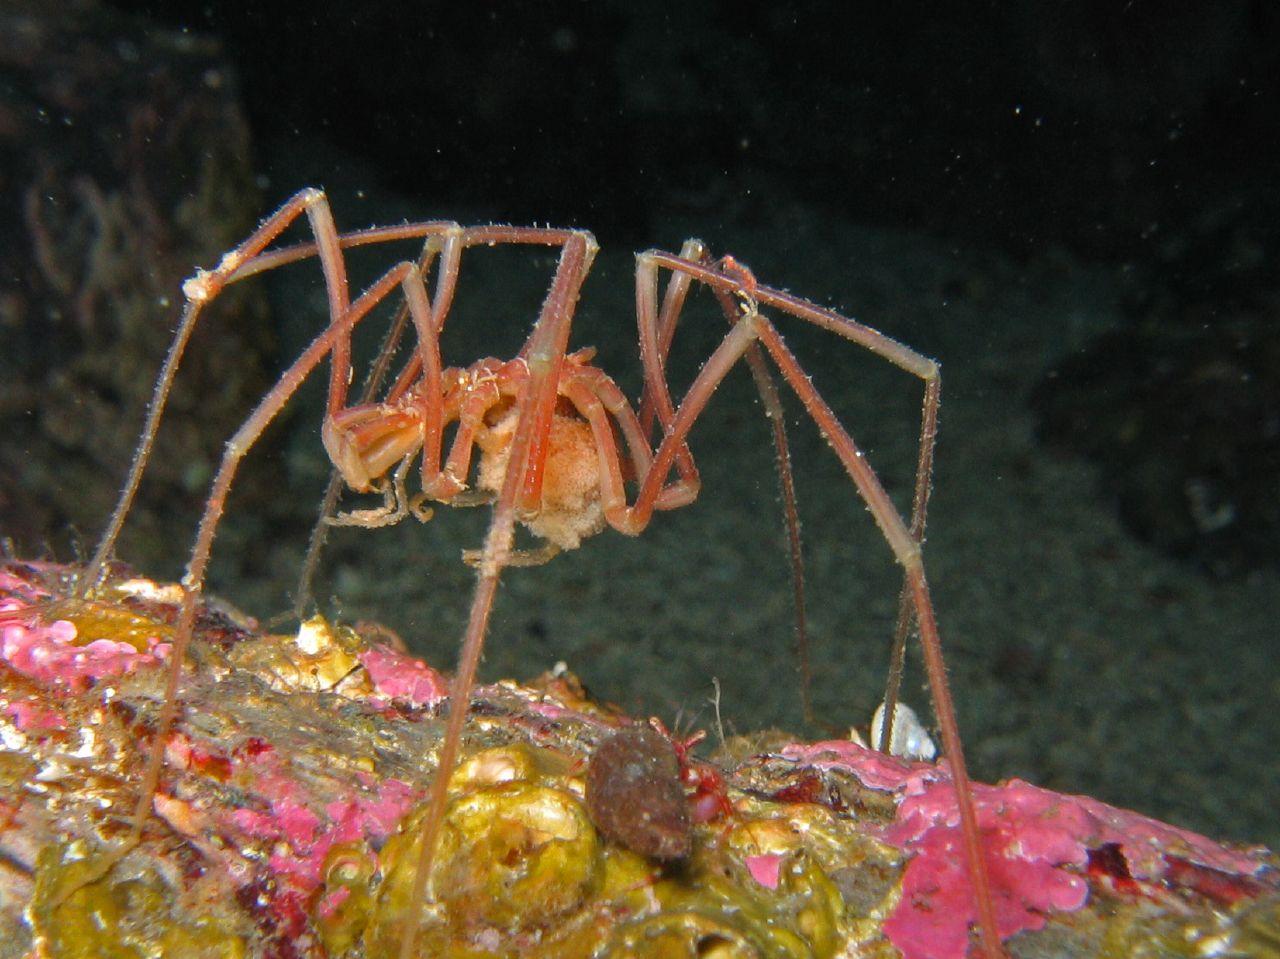 Sea spider - photo#6